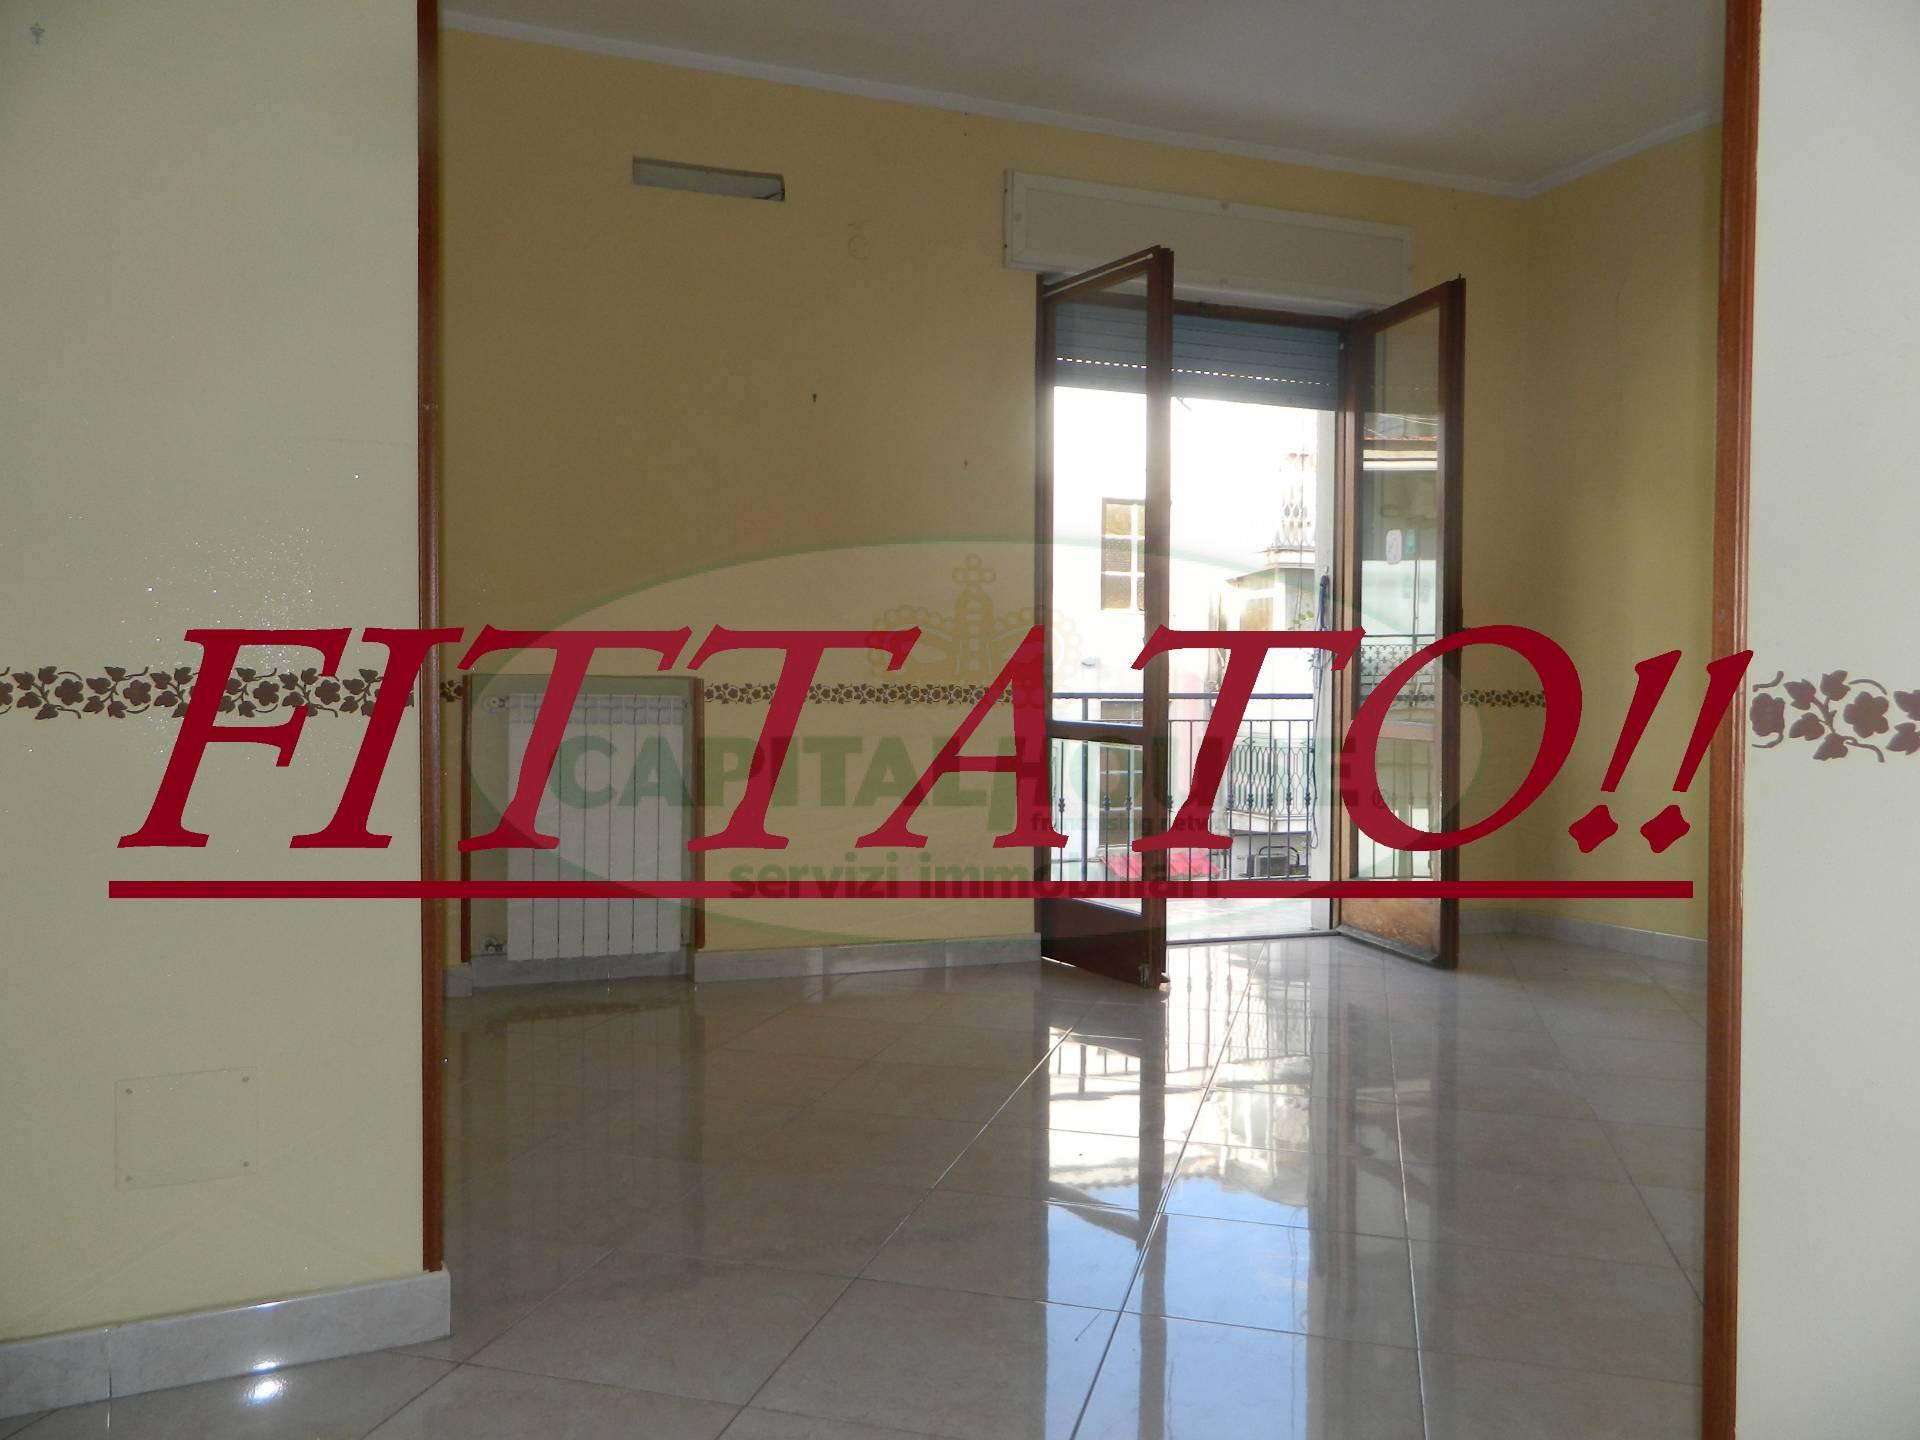 Appartamento in affitto a Afragola, 3 locali, zona Località: ZonaMarconi/Liceo, prezzo € 430 | CambioCasa.it